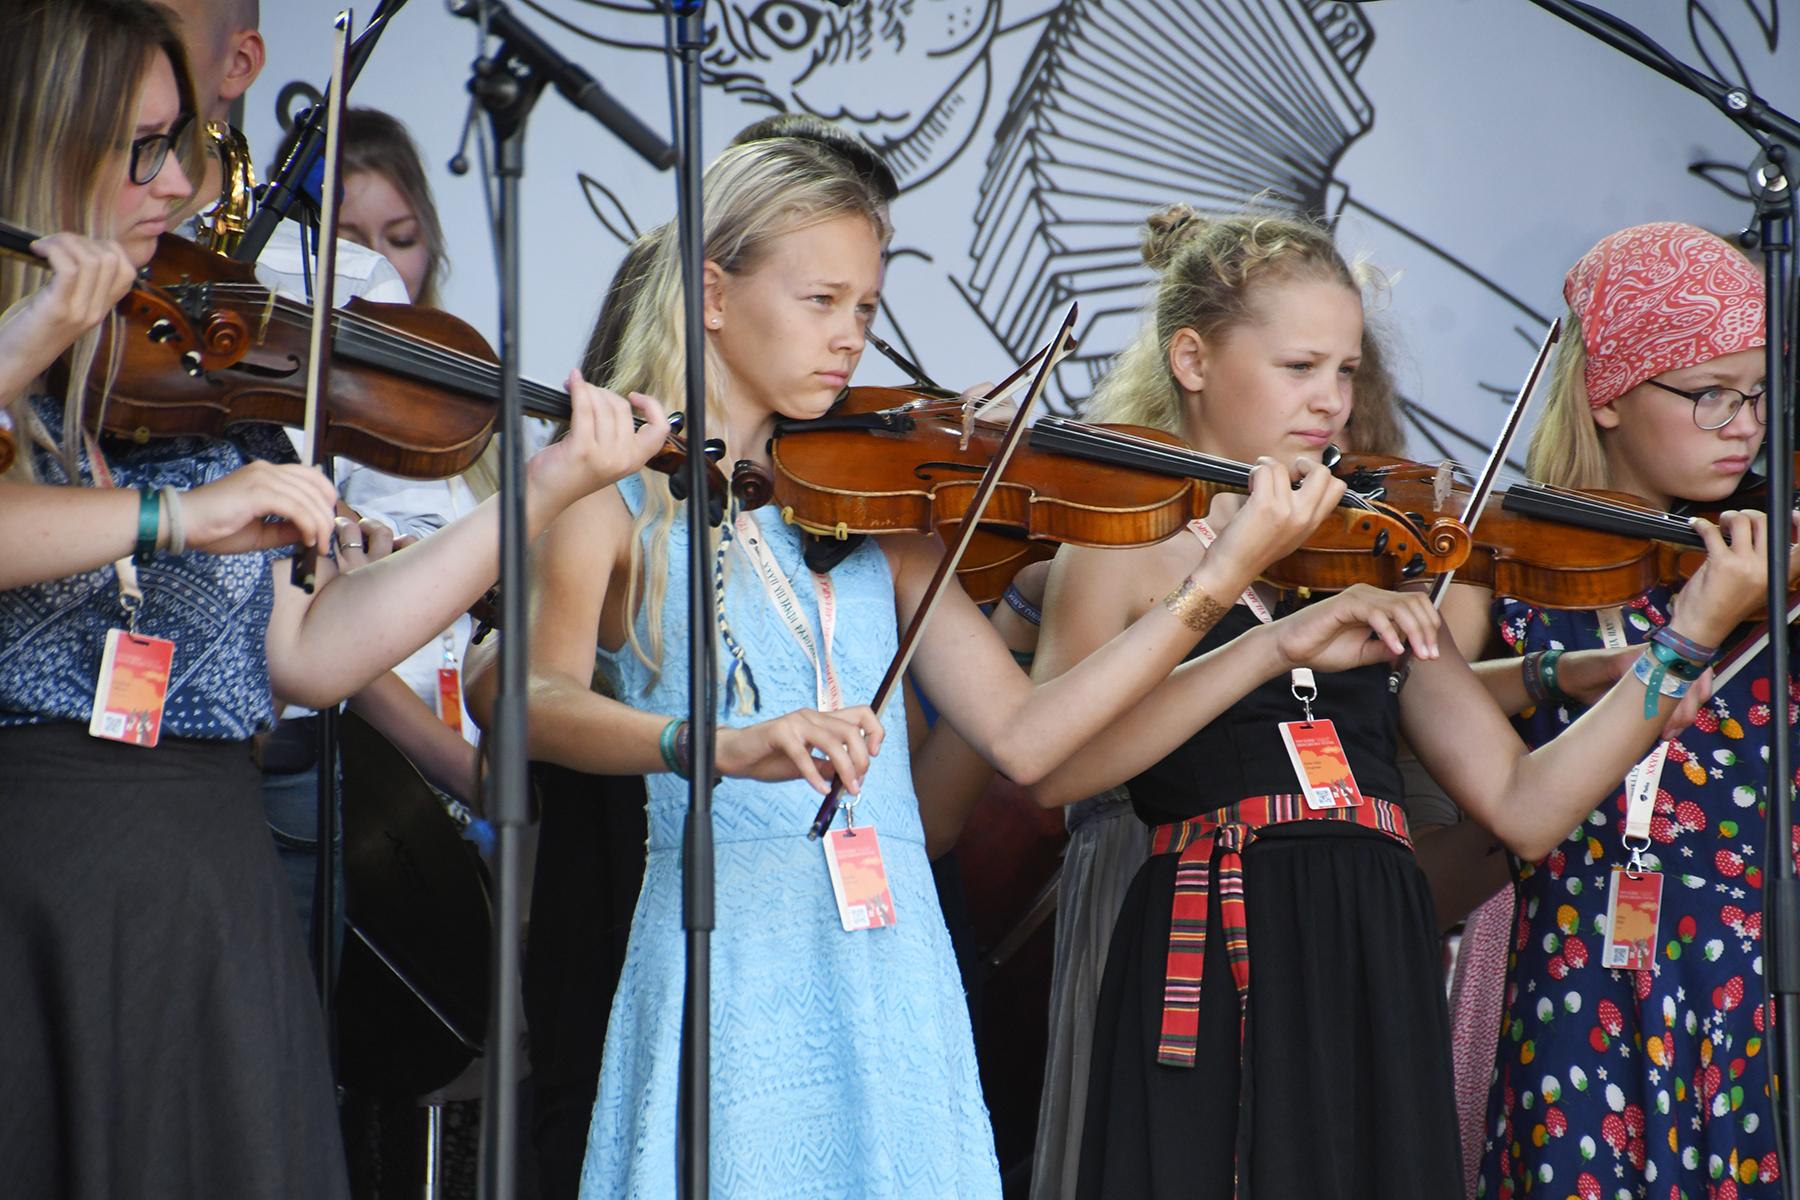 Noored viiuldajad XXVII Viljandi pärimusmuusika festivali avakontserdil Telia Kaevumäe laval. Foto Urmas Saard